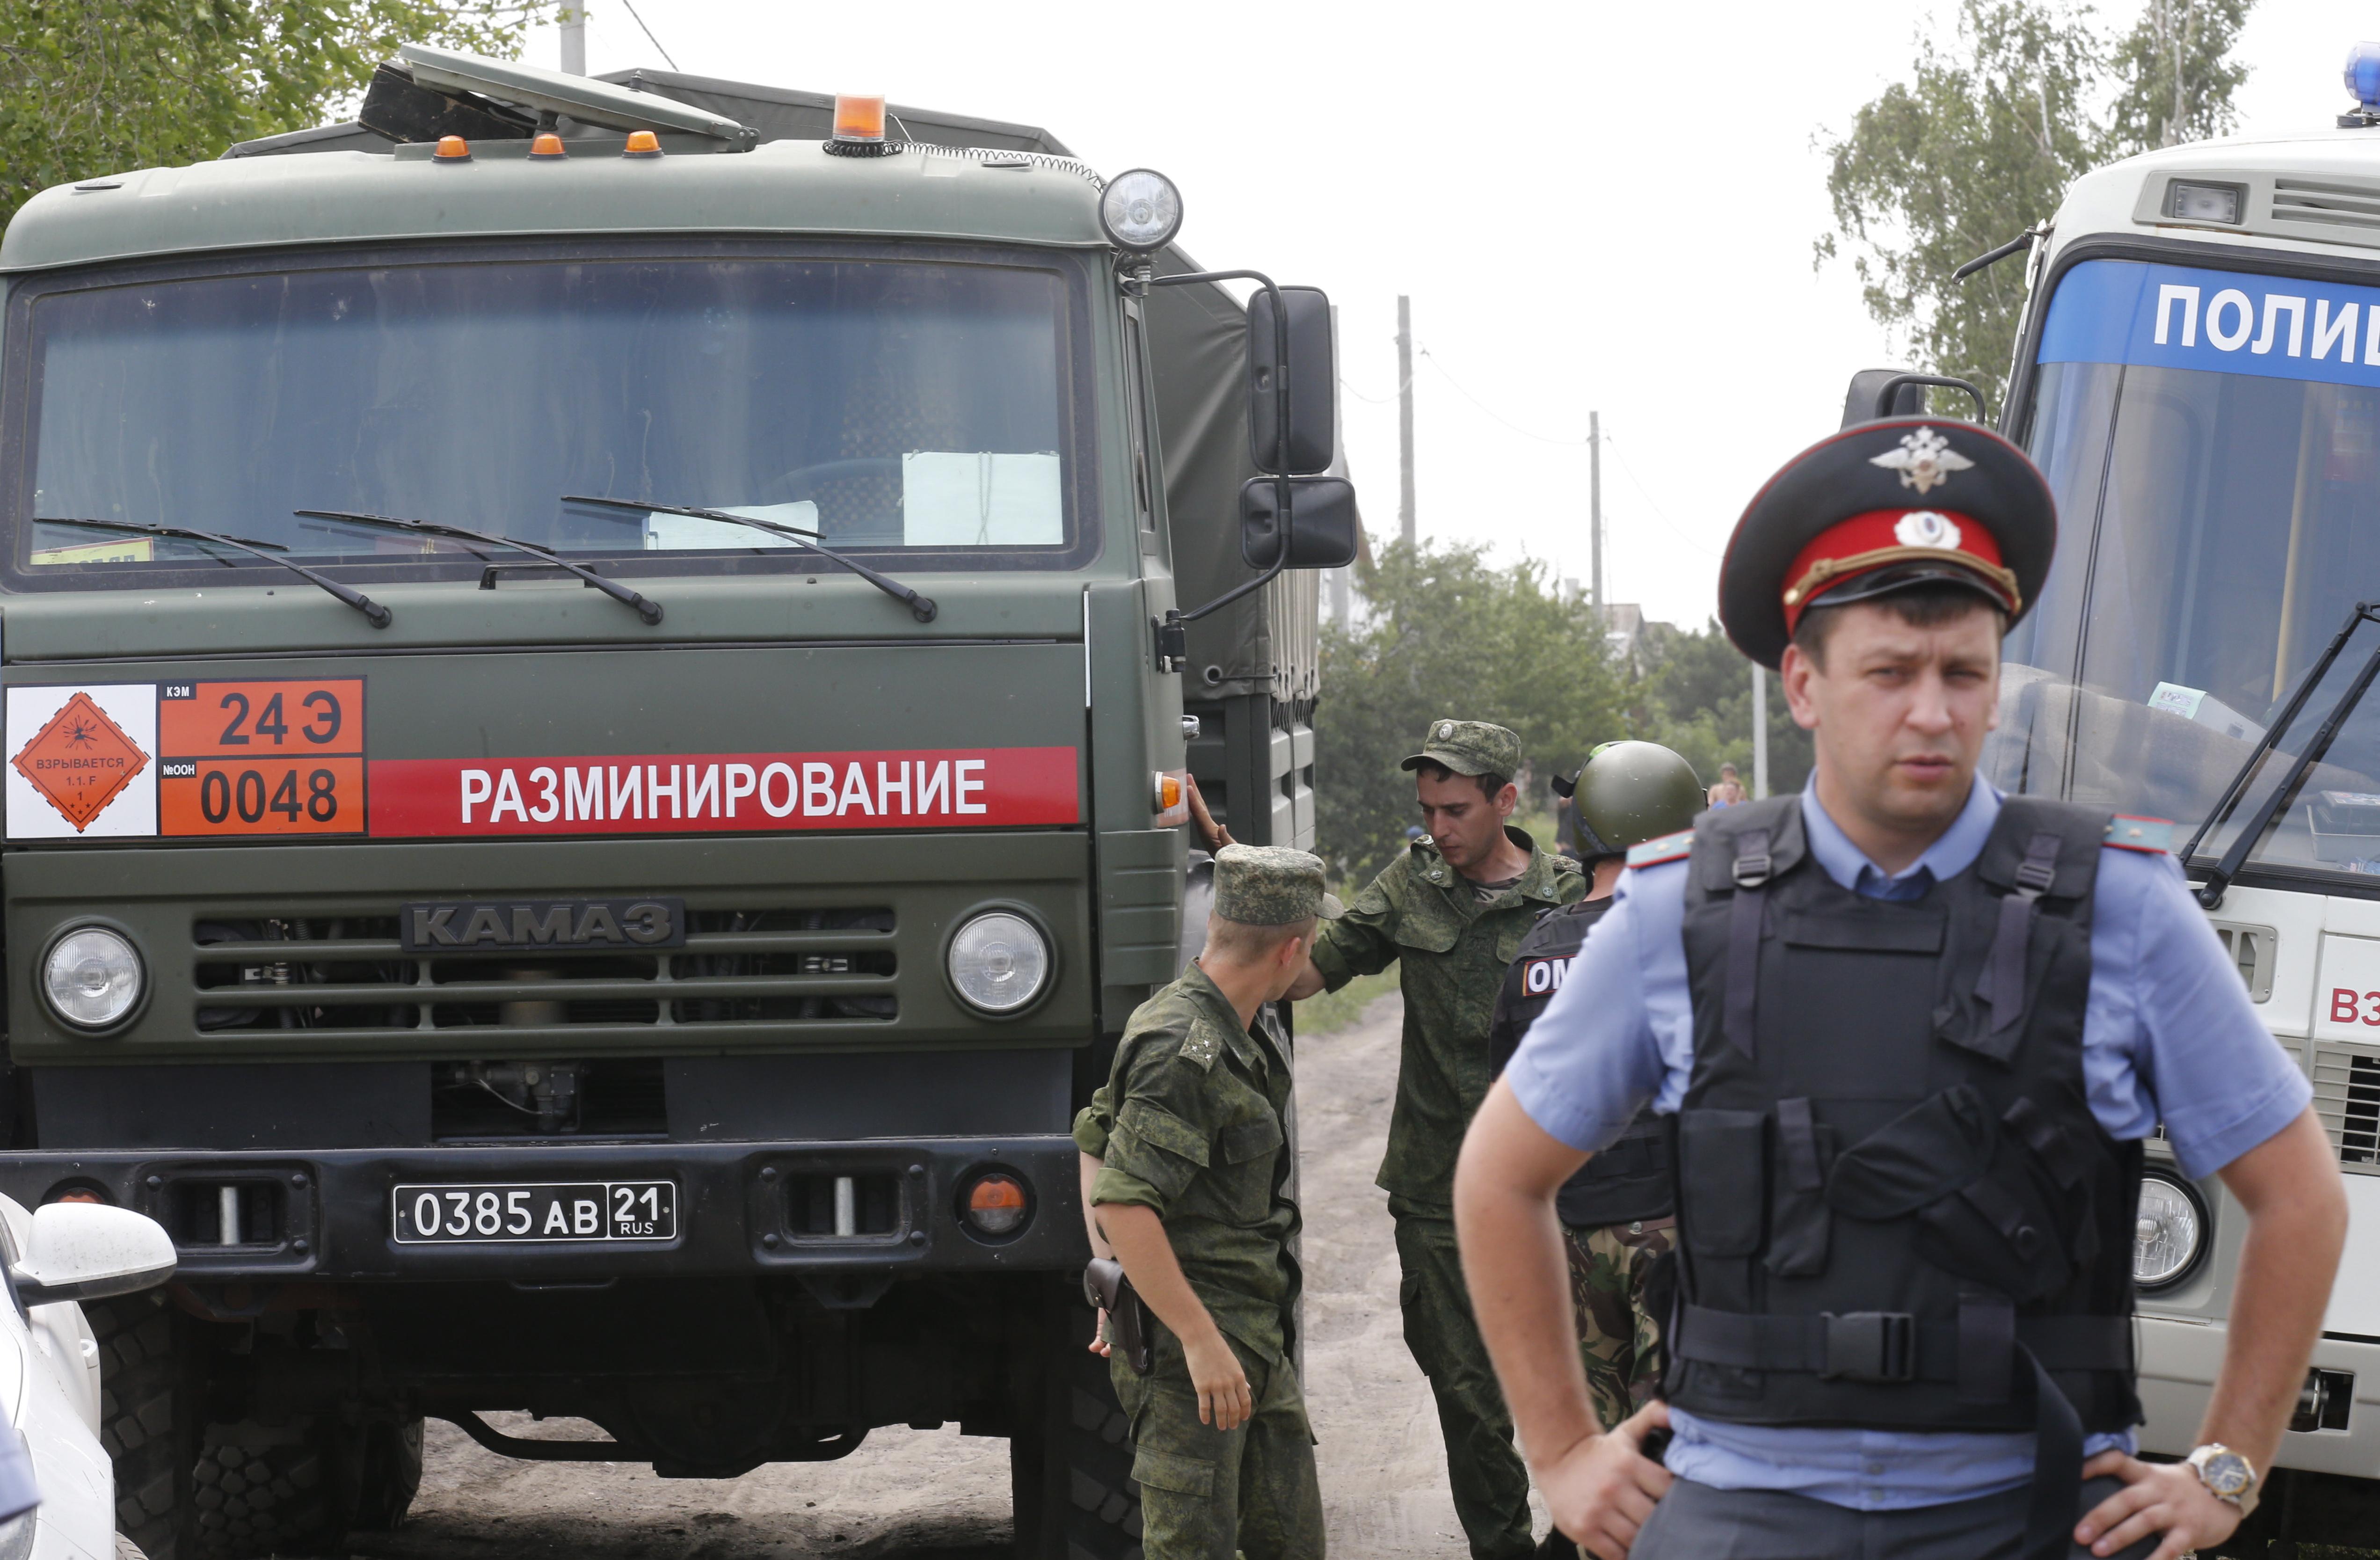 Сотрудники полиции у жилого дома в российском Донецке, во дворе которого разорвался снаряд украинской армии